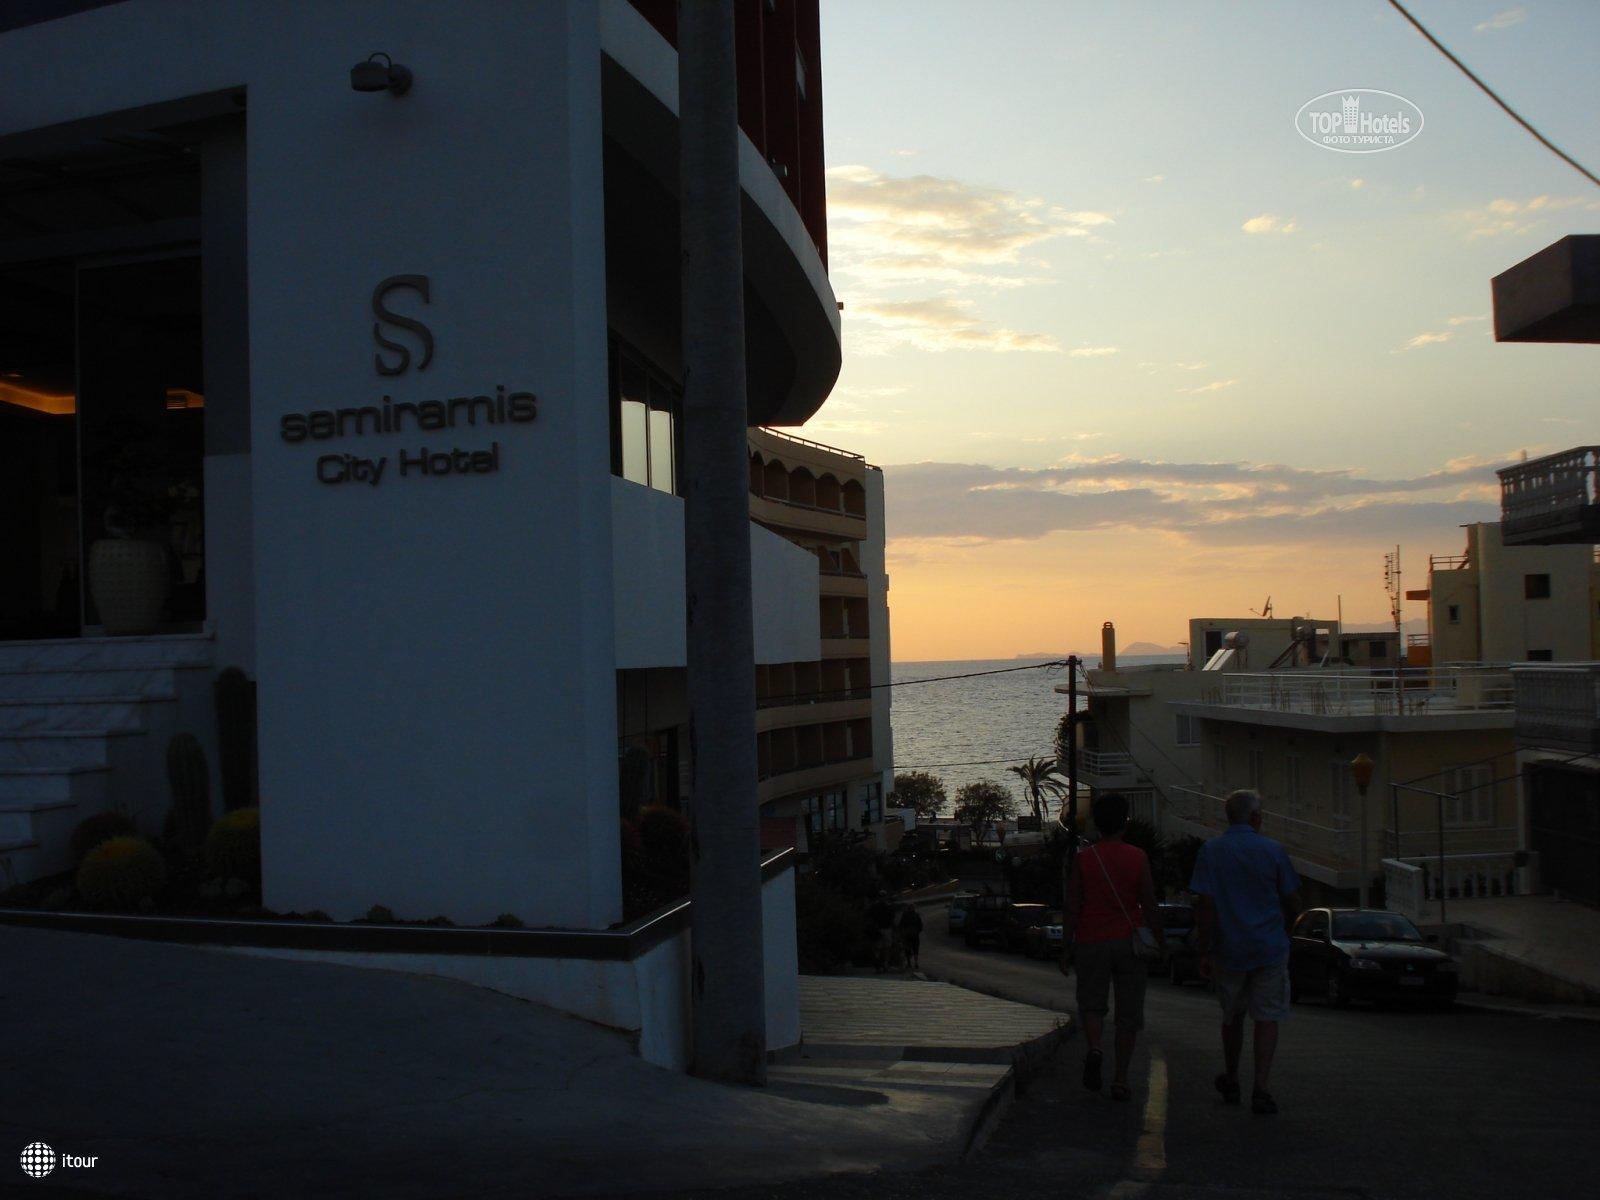 Semiramis City Hotel 9